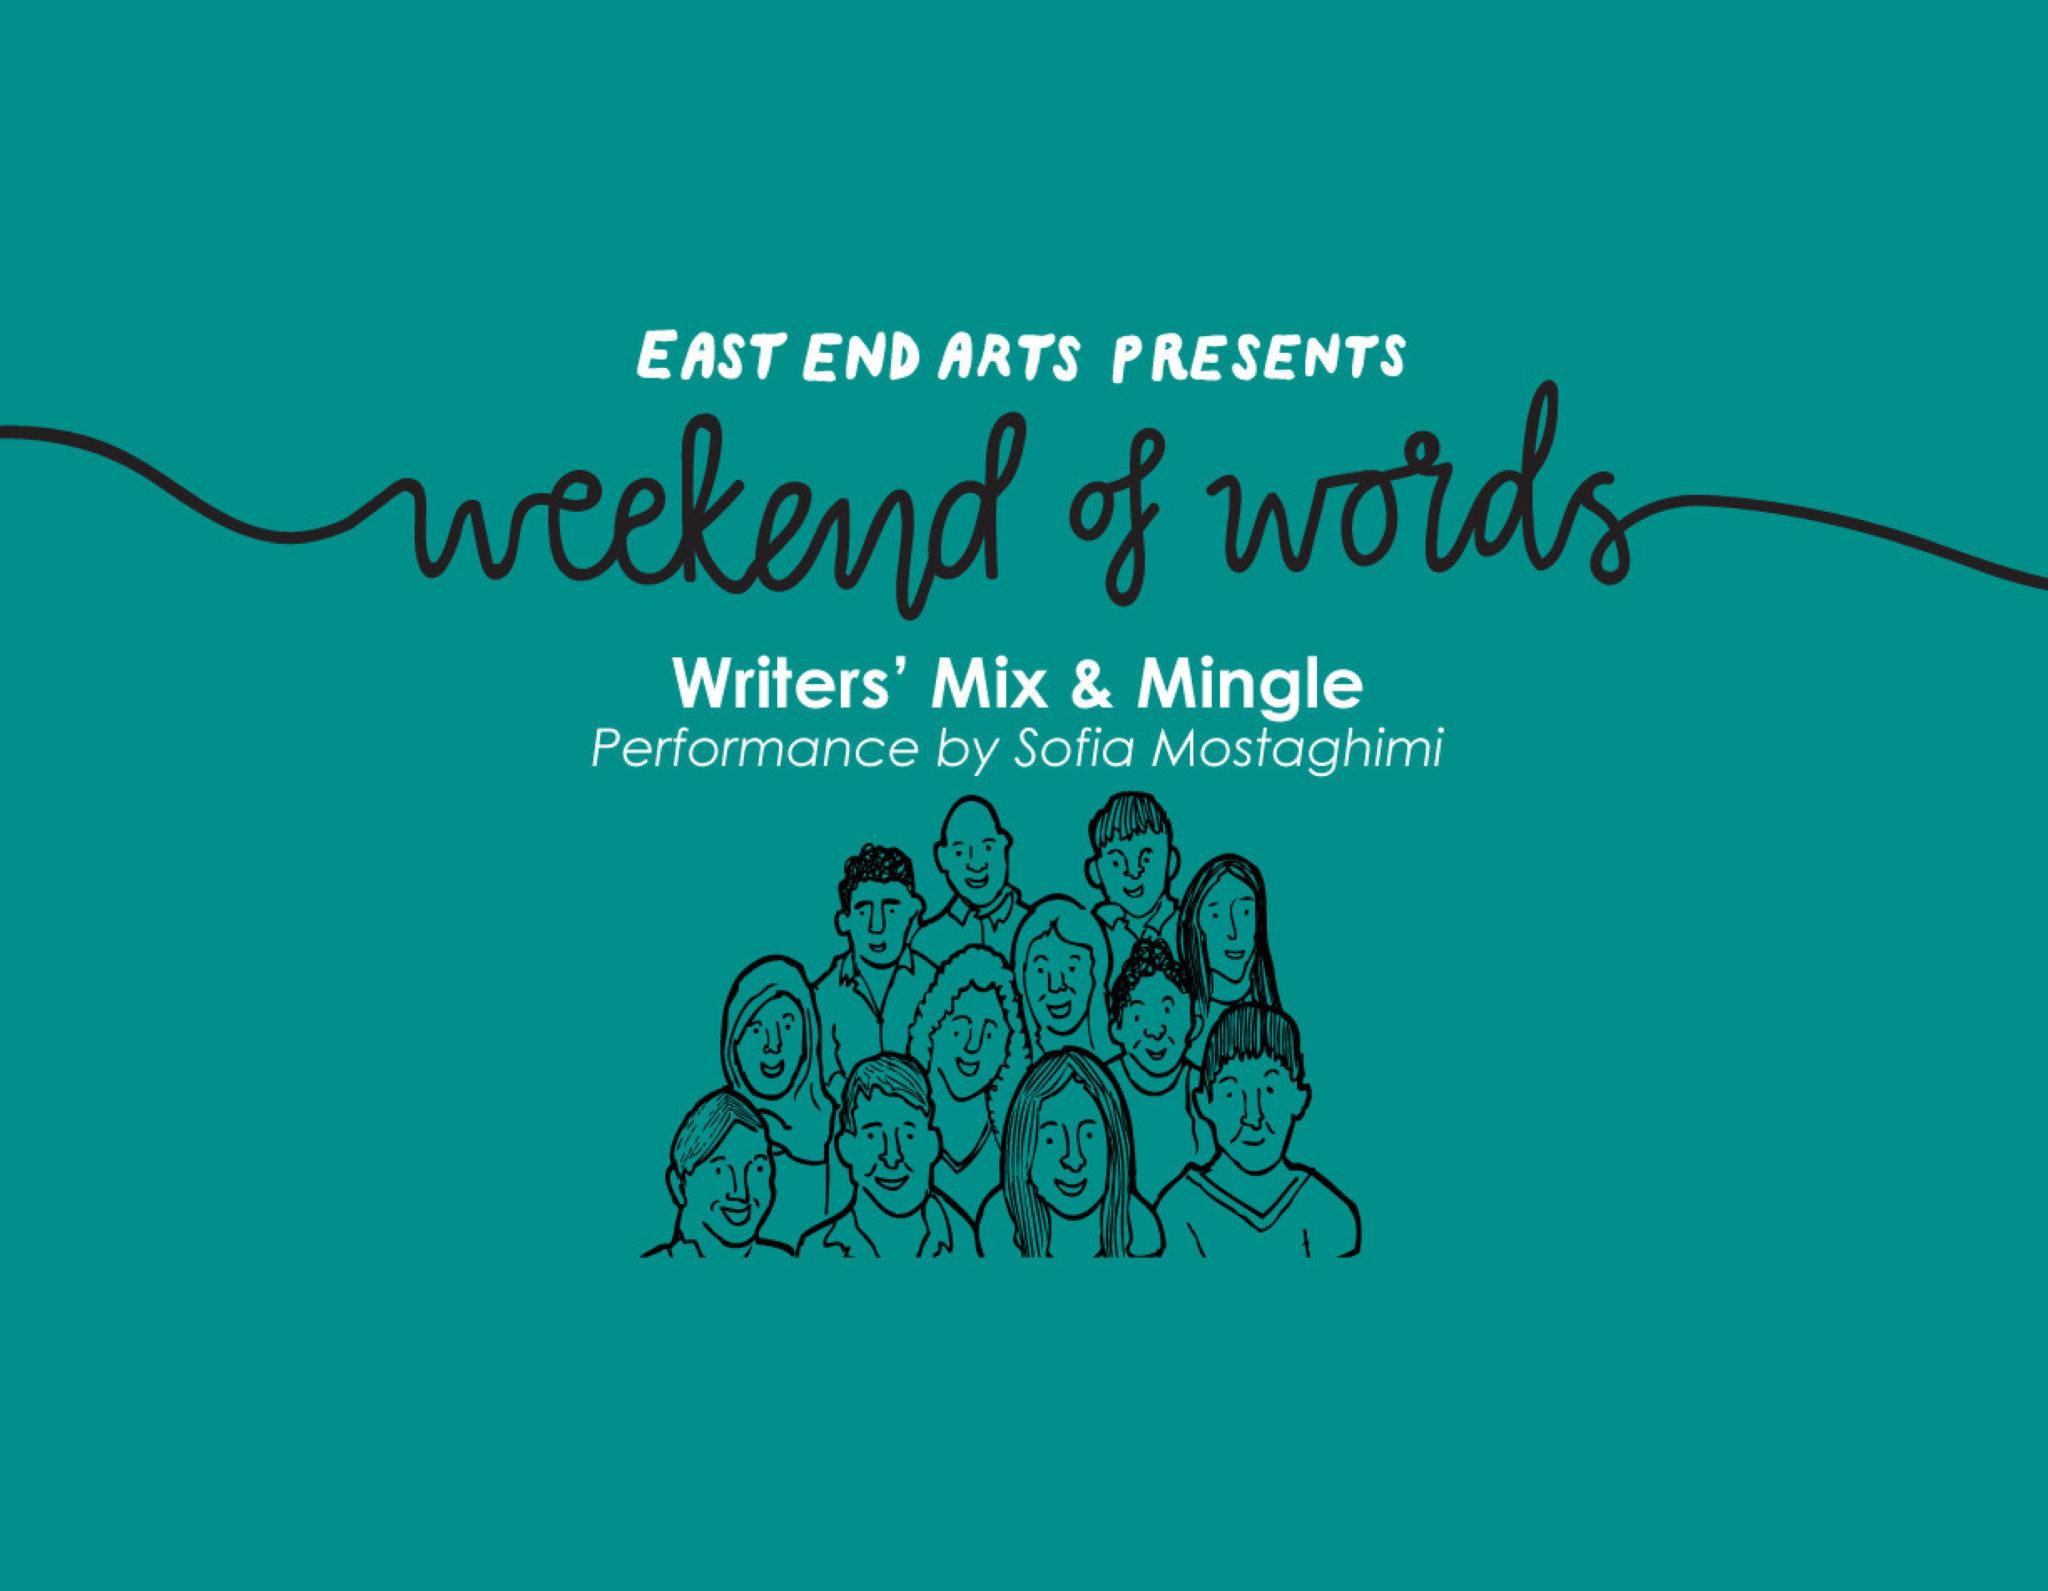 Writers' Mix & Mingle